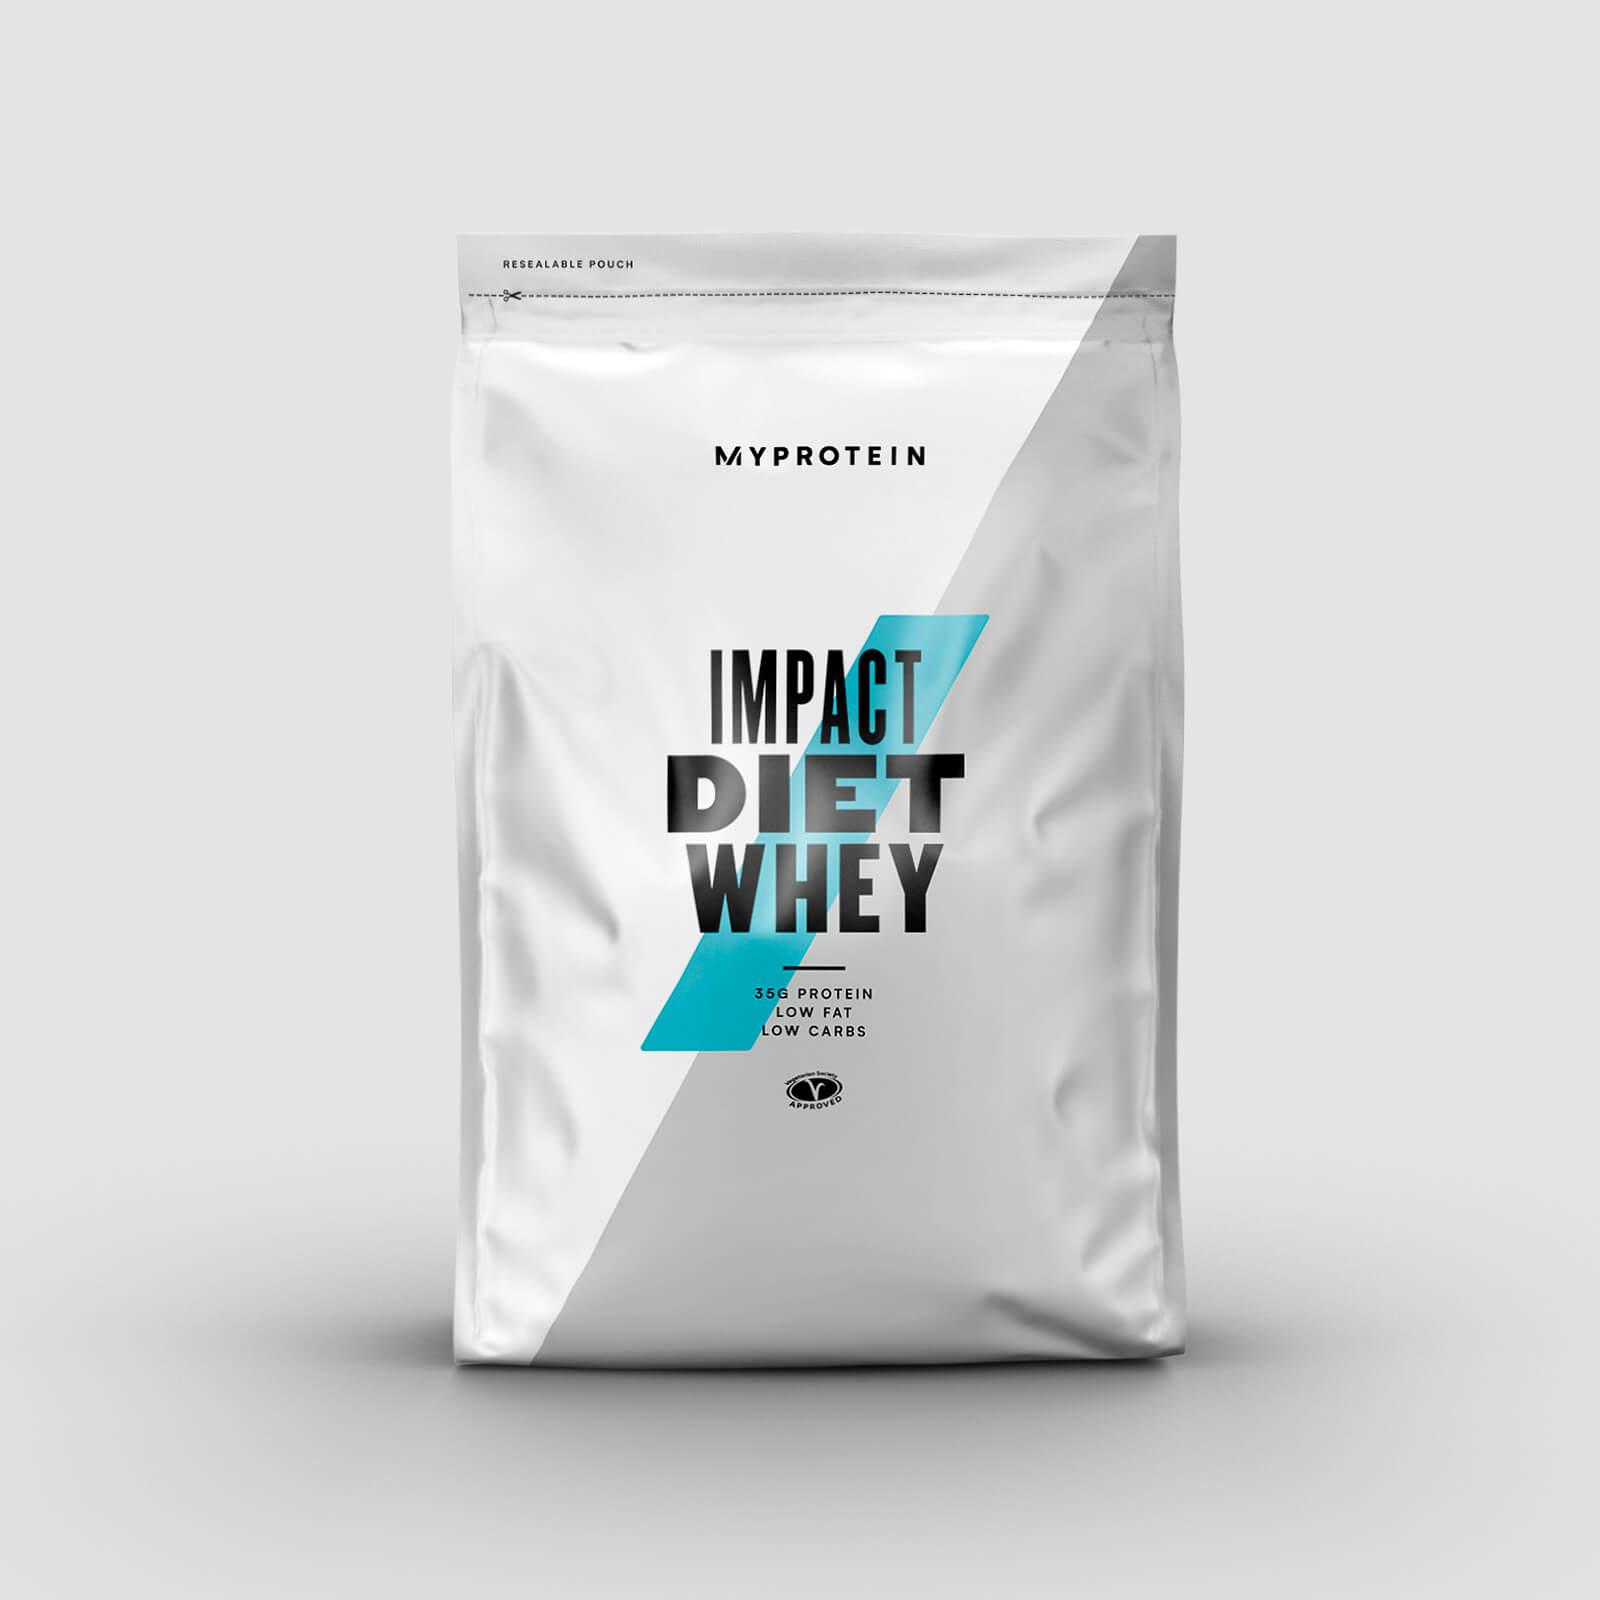 Myprotein Impact Diet Whey - 5kg - Chocolat